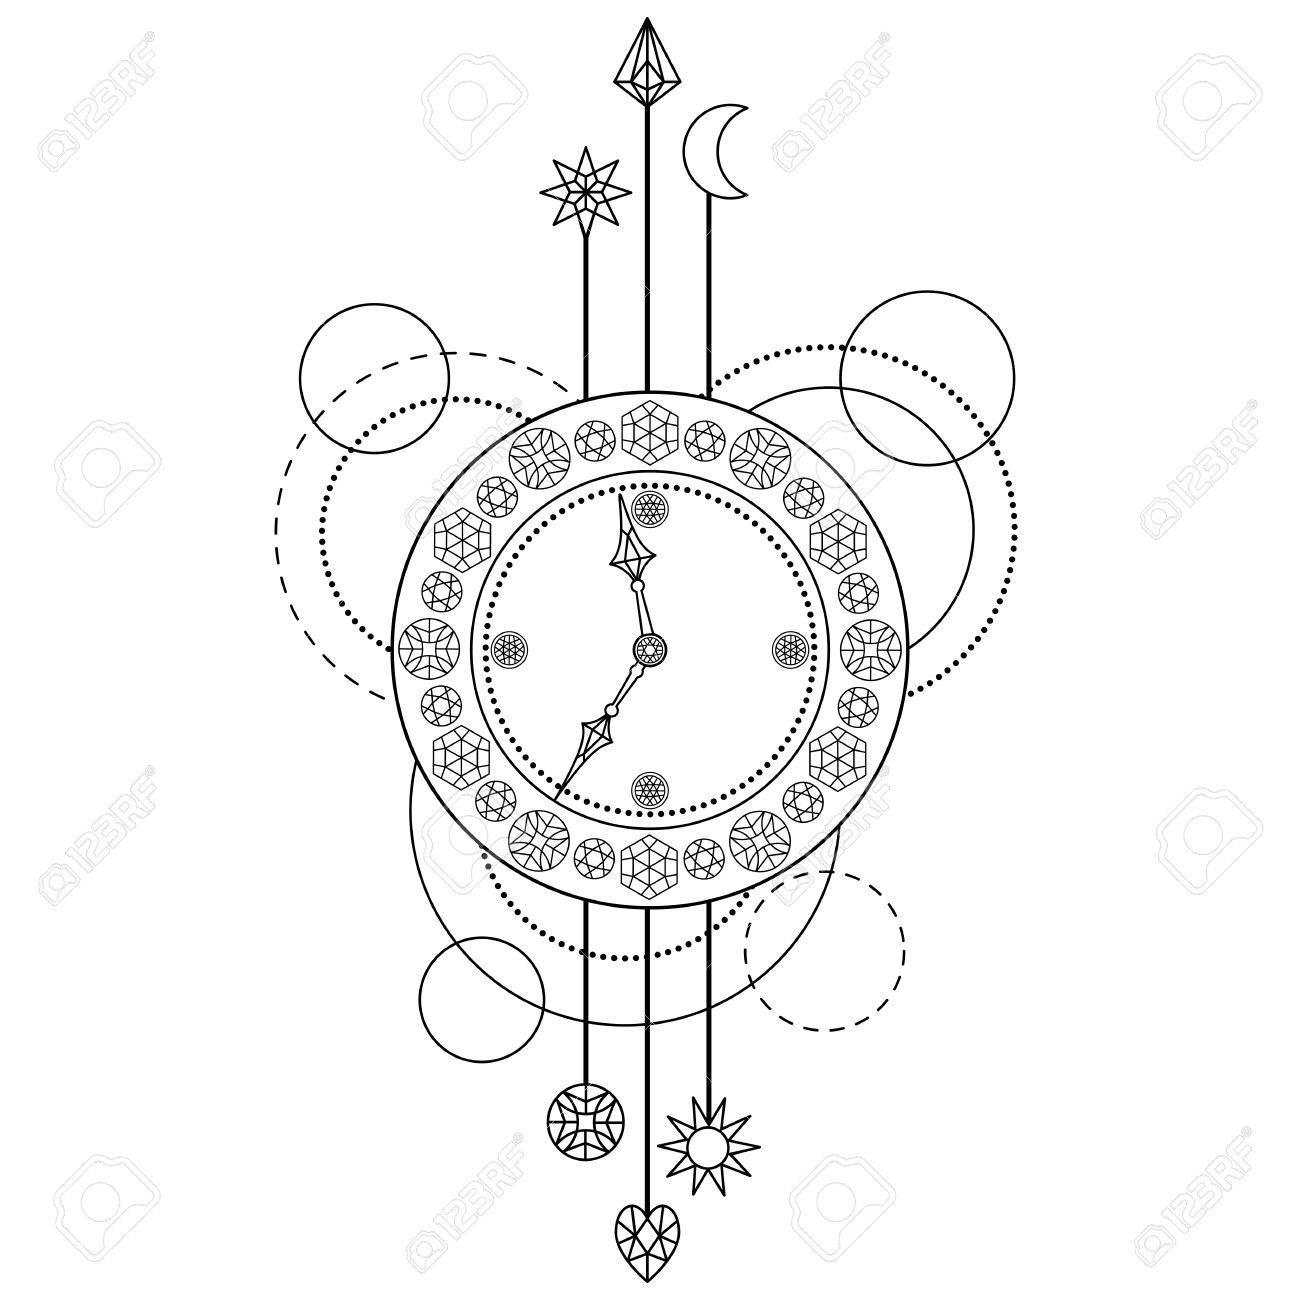 Resumen Patrón Techno Con Reloj Y Elementos Geométricos Sobre Fondo